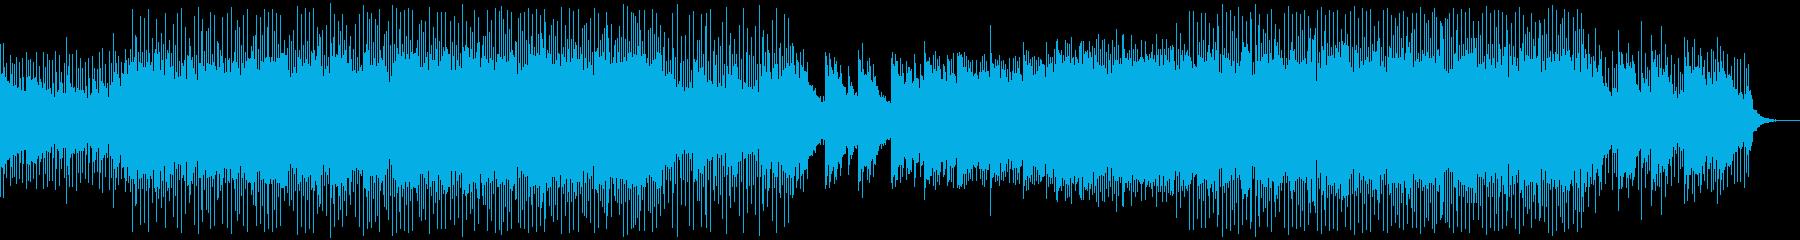 化粧水CMVP透明感ピアノ爽やかAE10の再生済みの波形